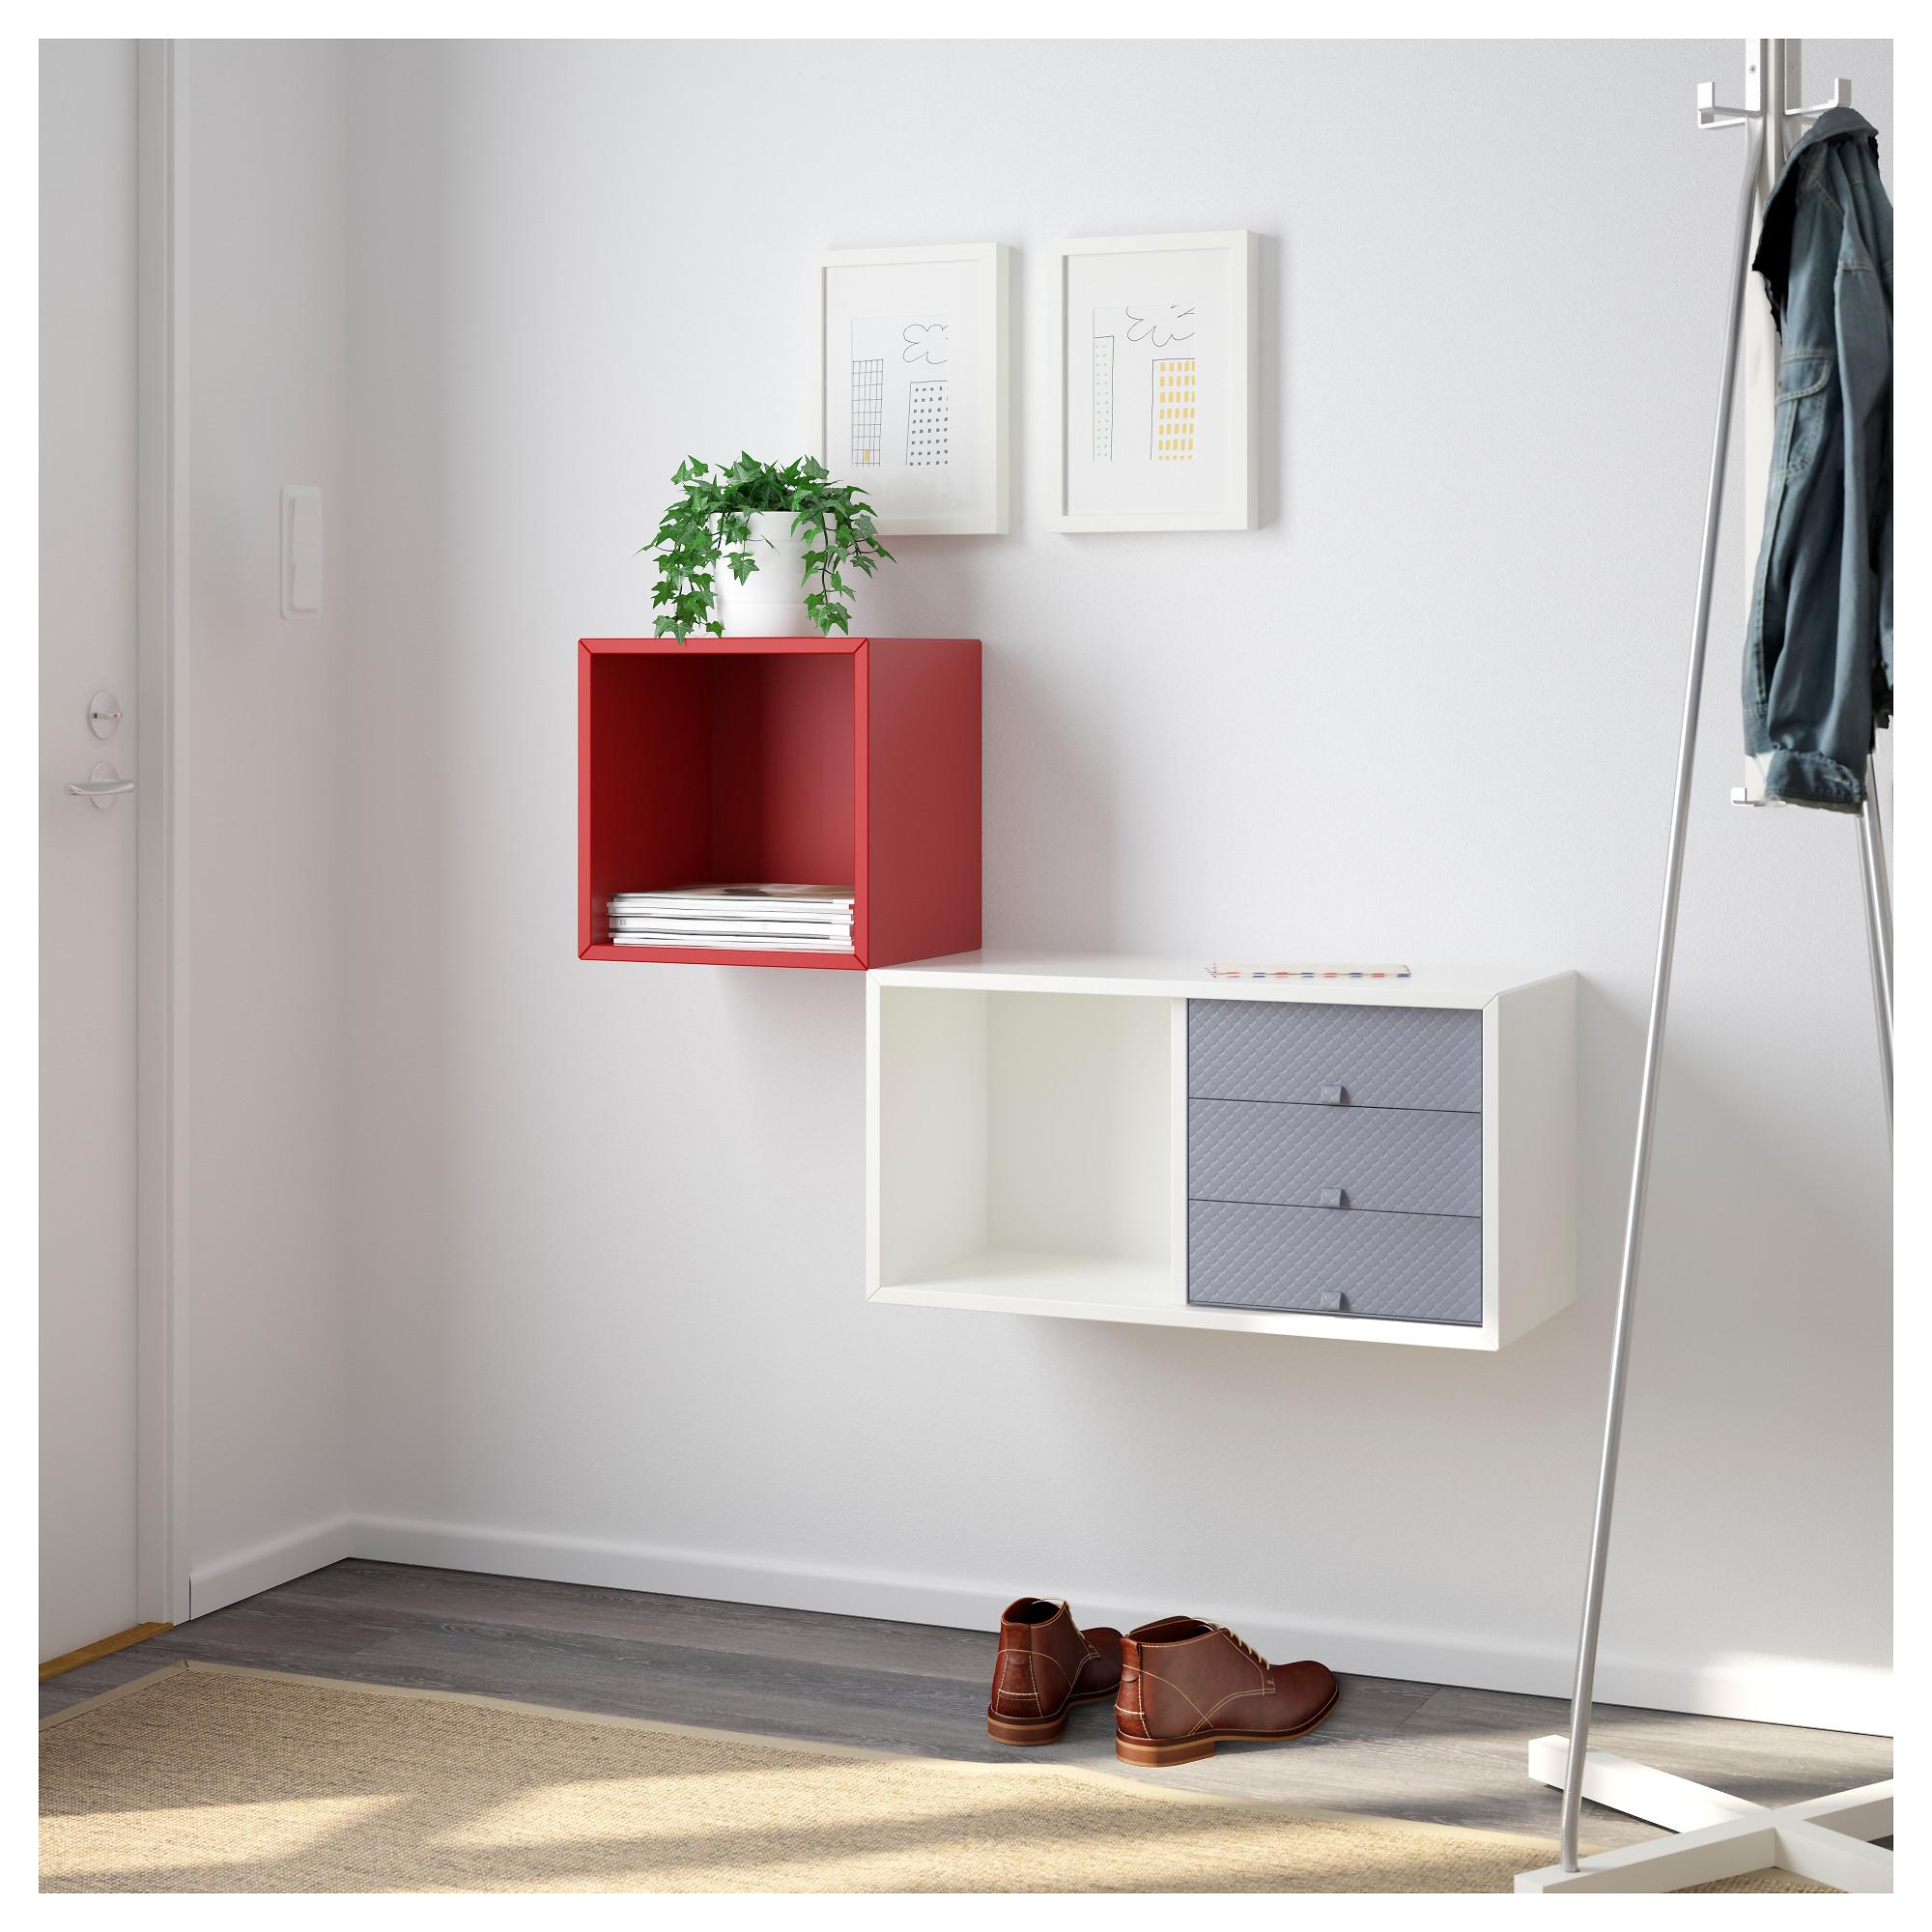 Купить навесной шкафчик вэлье, белый, красный в ikea (минск).